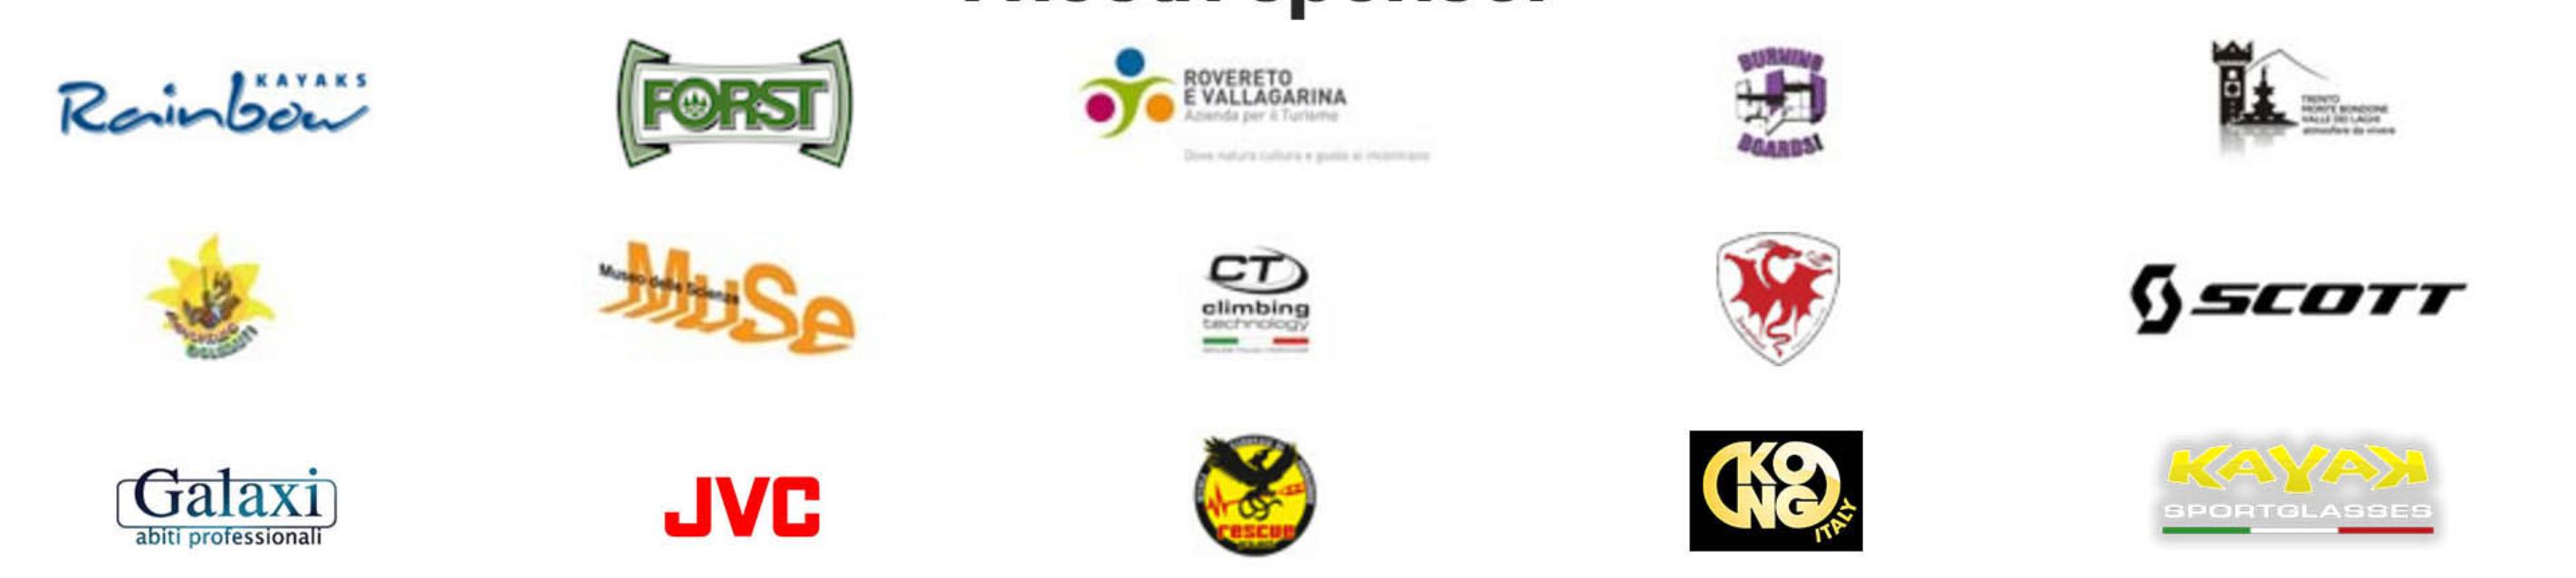 ATTREZZATURA GRAND CANYON TrentinoWILD Rescue Project